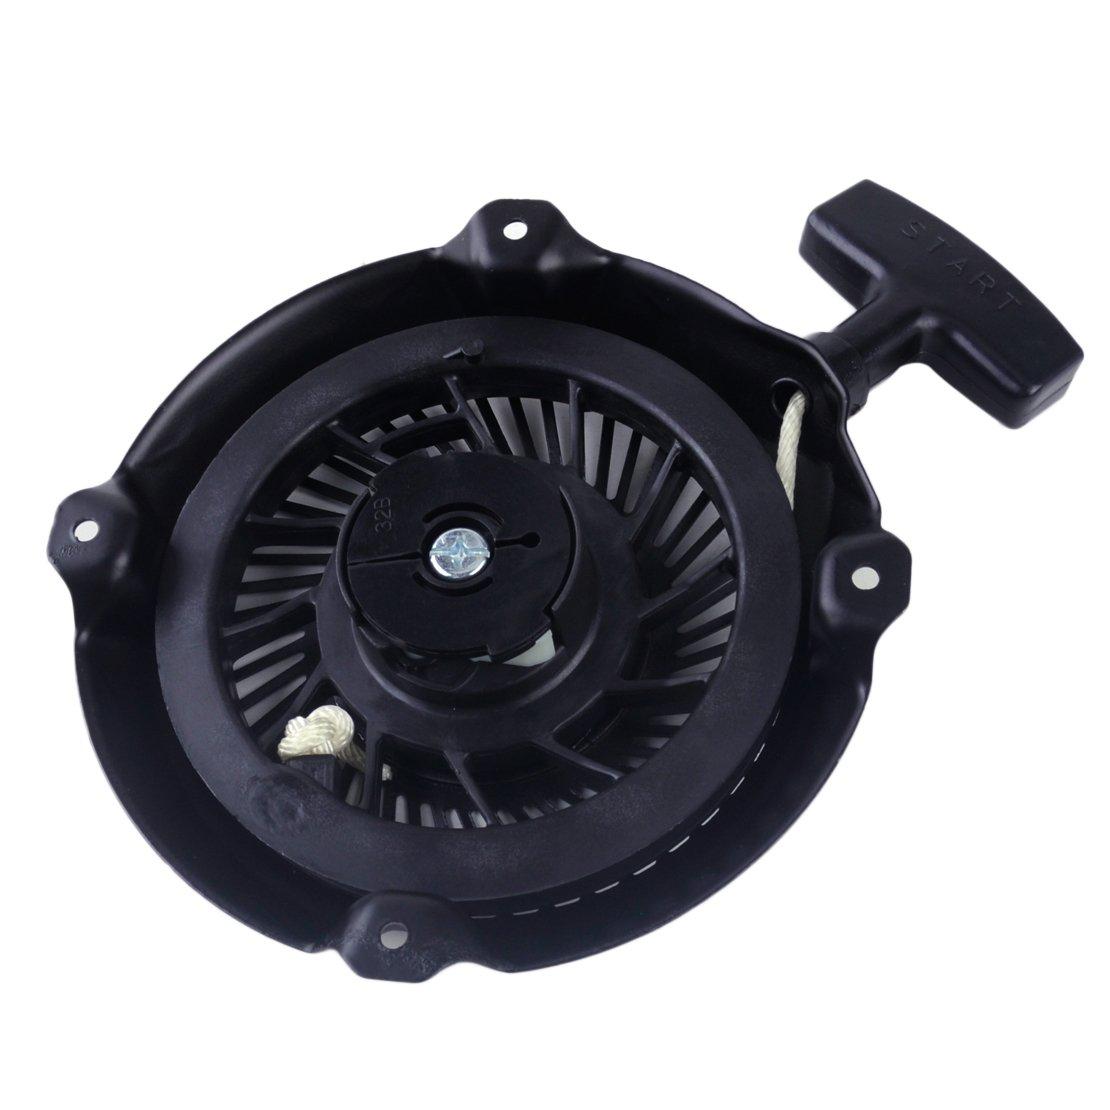 D/éclencheur de traction /à rappel pour Briggs /& Stratton Intek Pro 5.5hp et moteurs 6.5hp noir